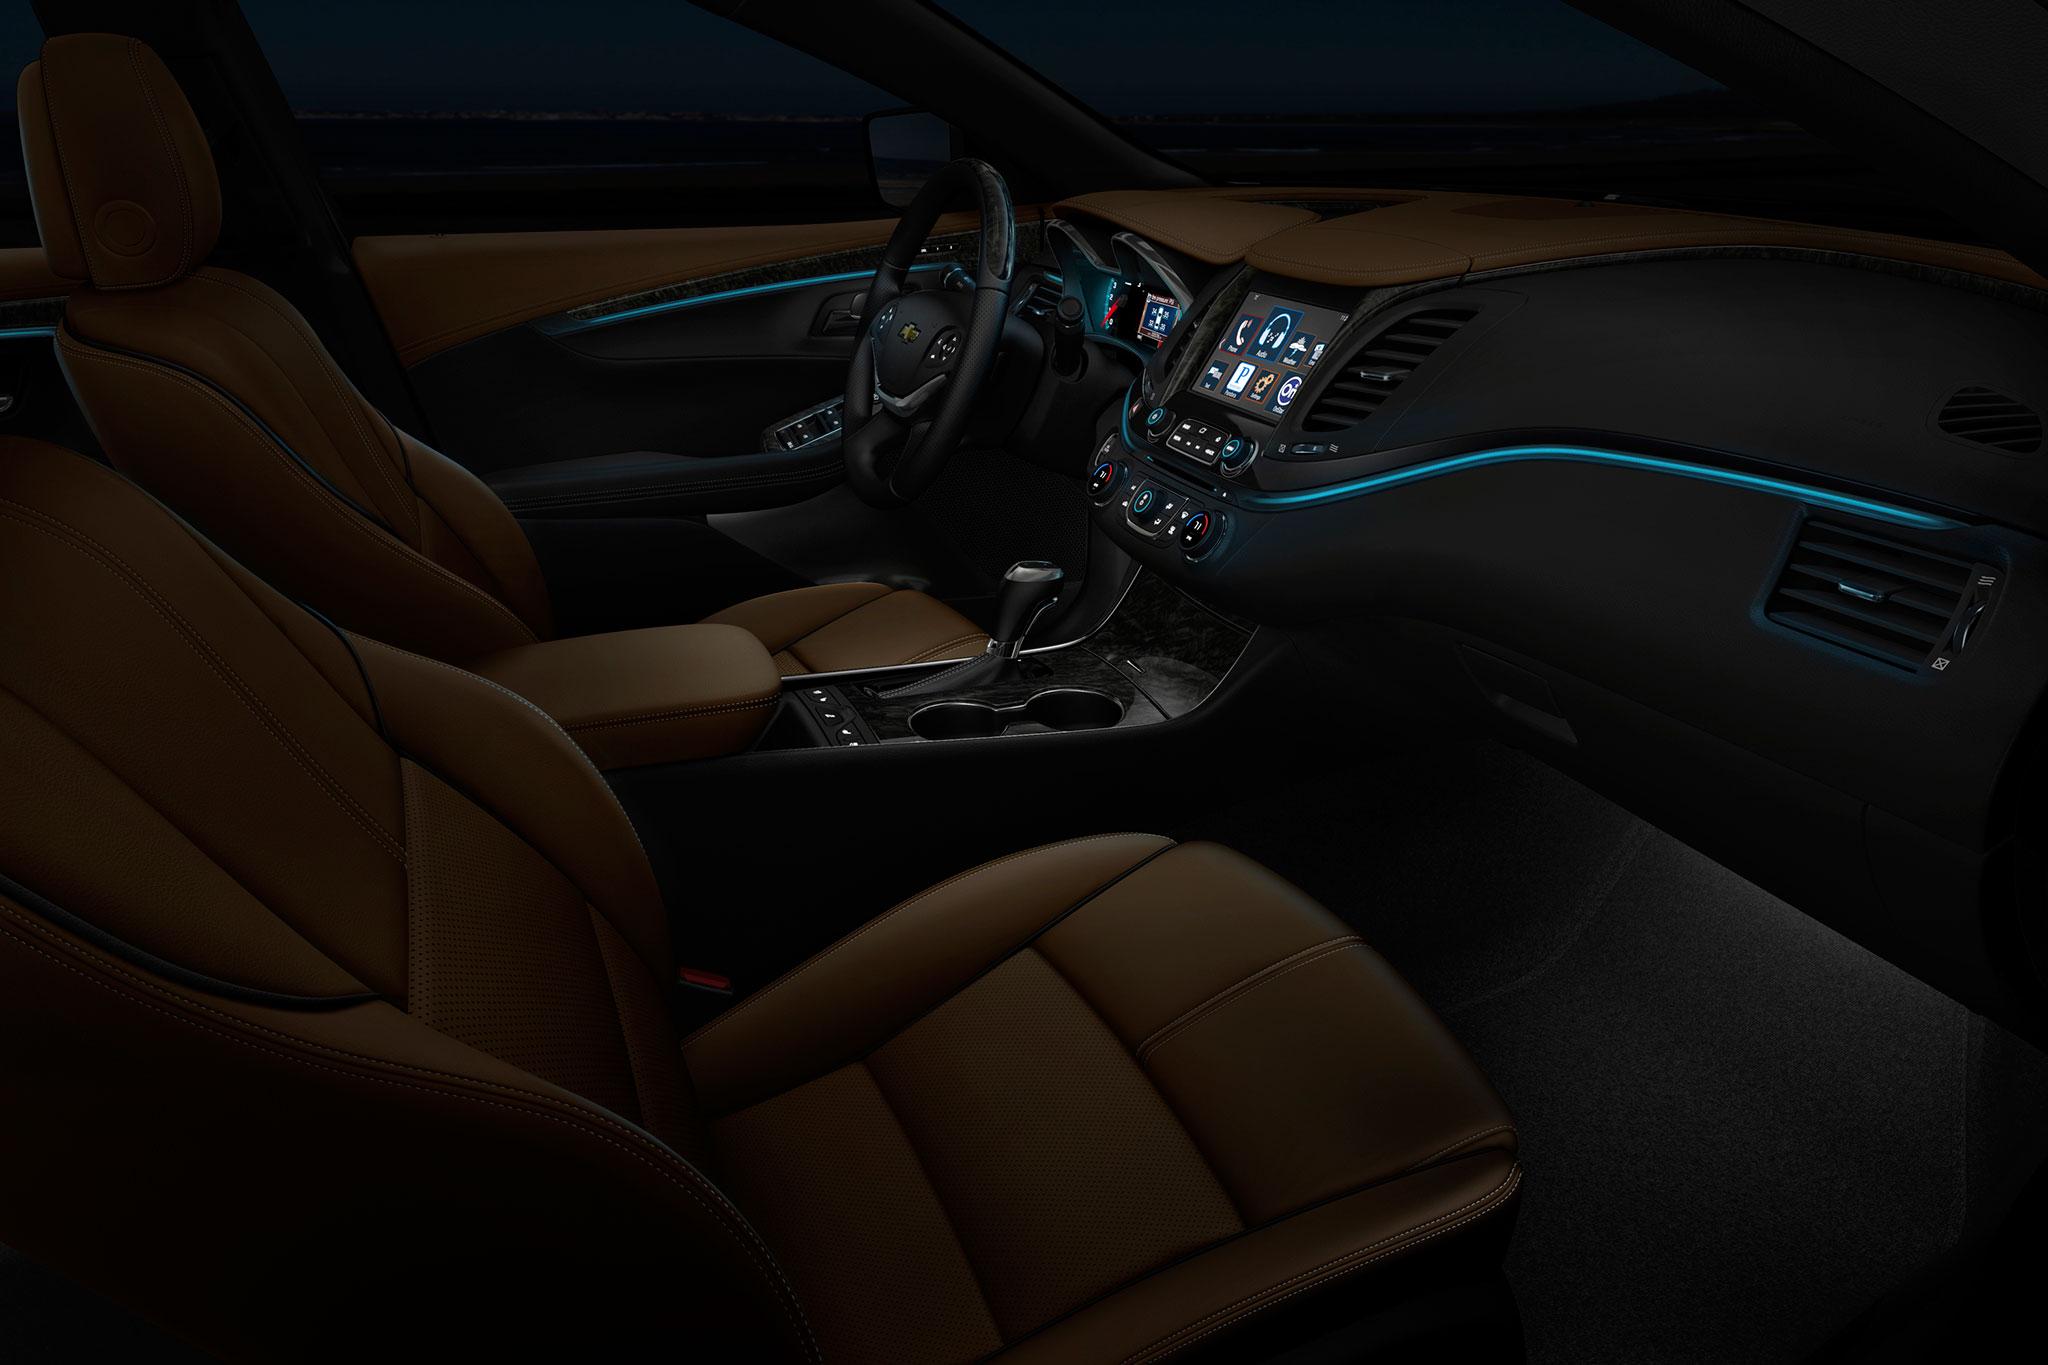 2017 Chevrolet Impala 47 95